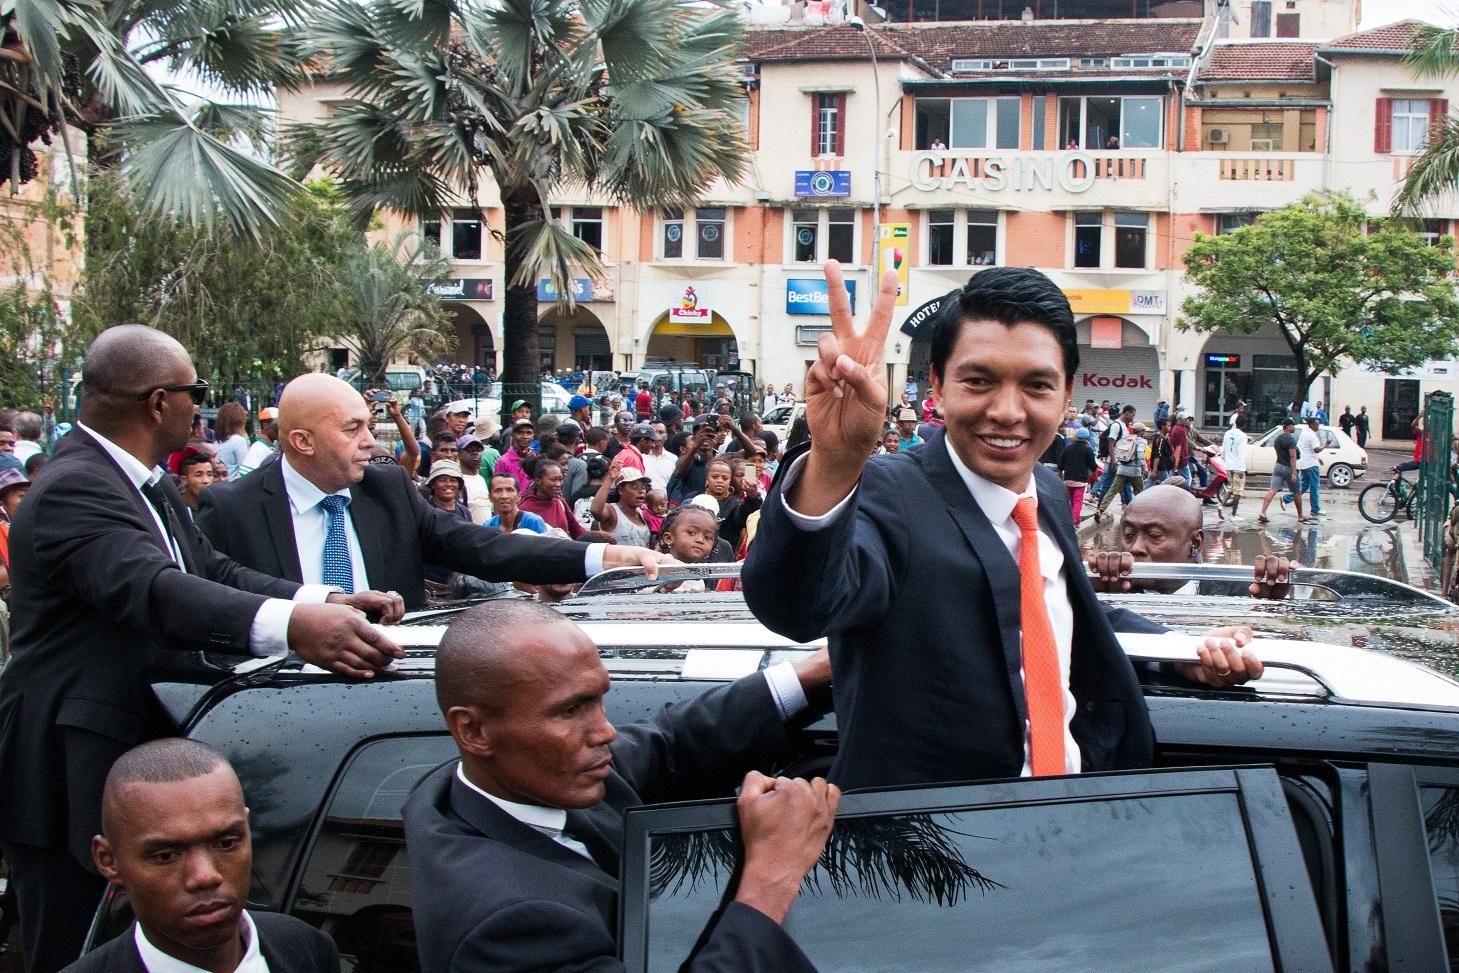 O presidente de Madagascar, Andry Rajoelina, eleito com 55% dos votos, desfila pelas ruas da capital. Foto Mamyrael/AFP